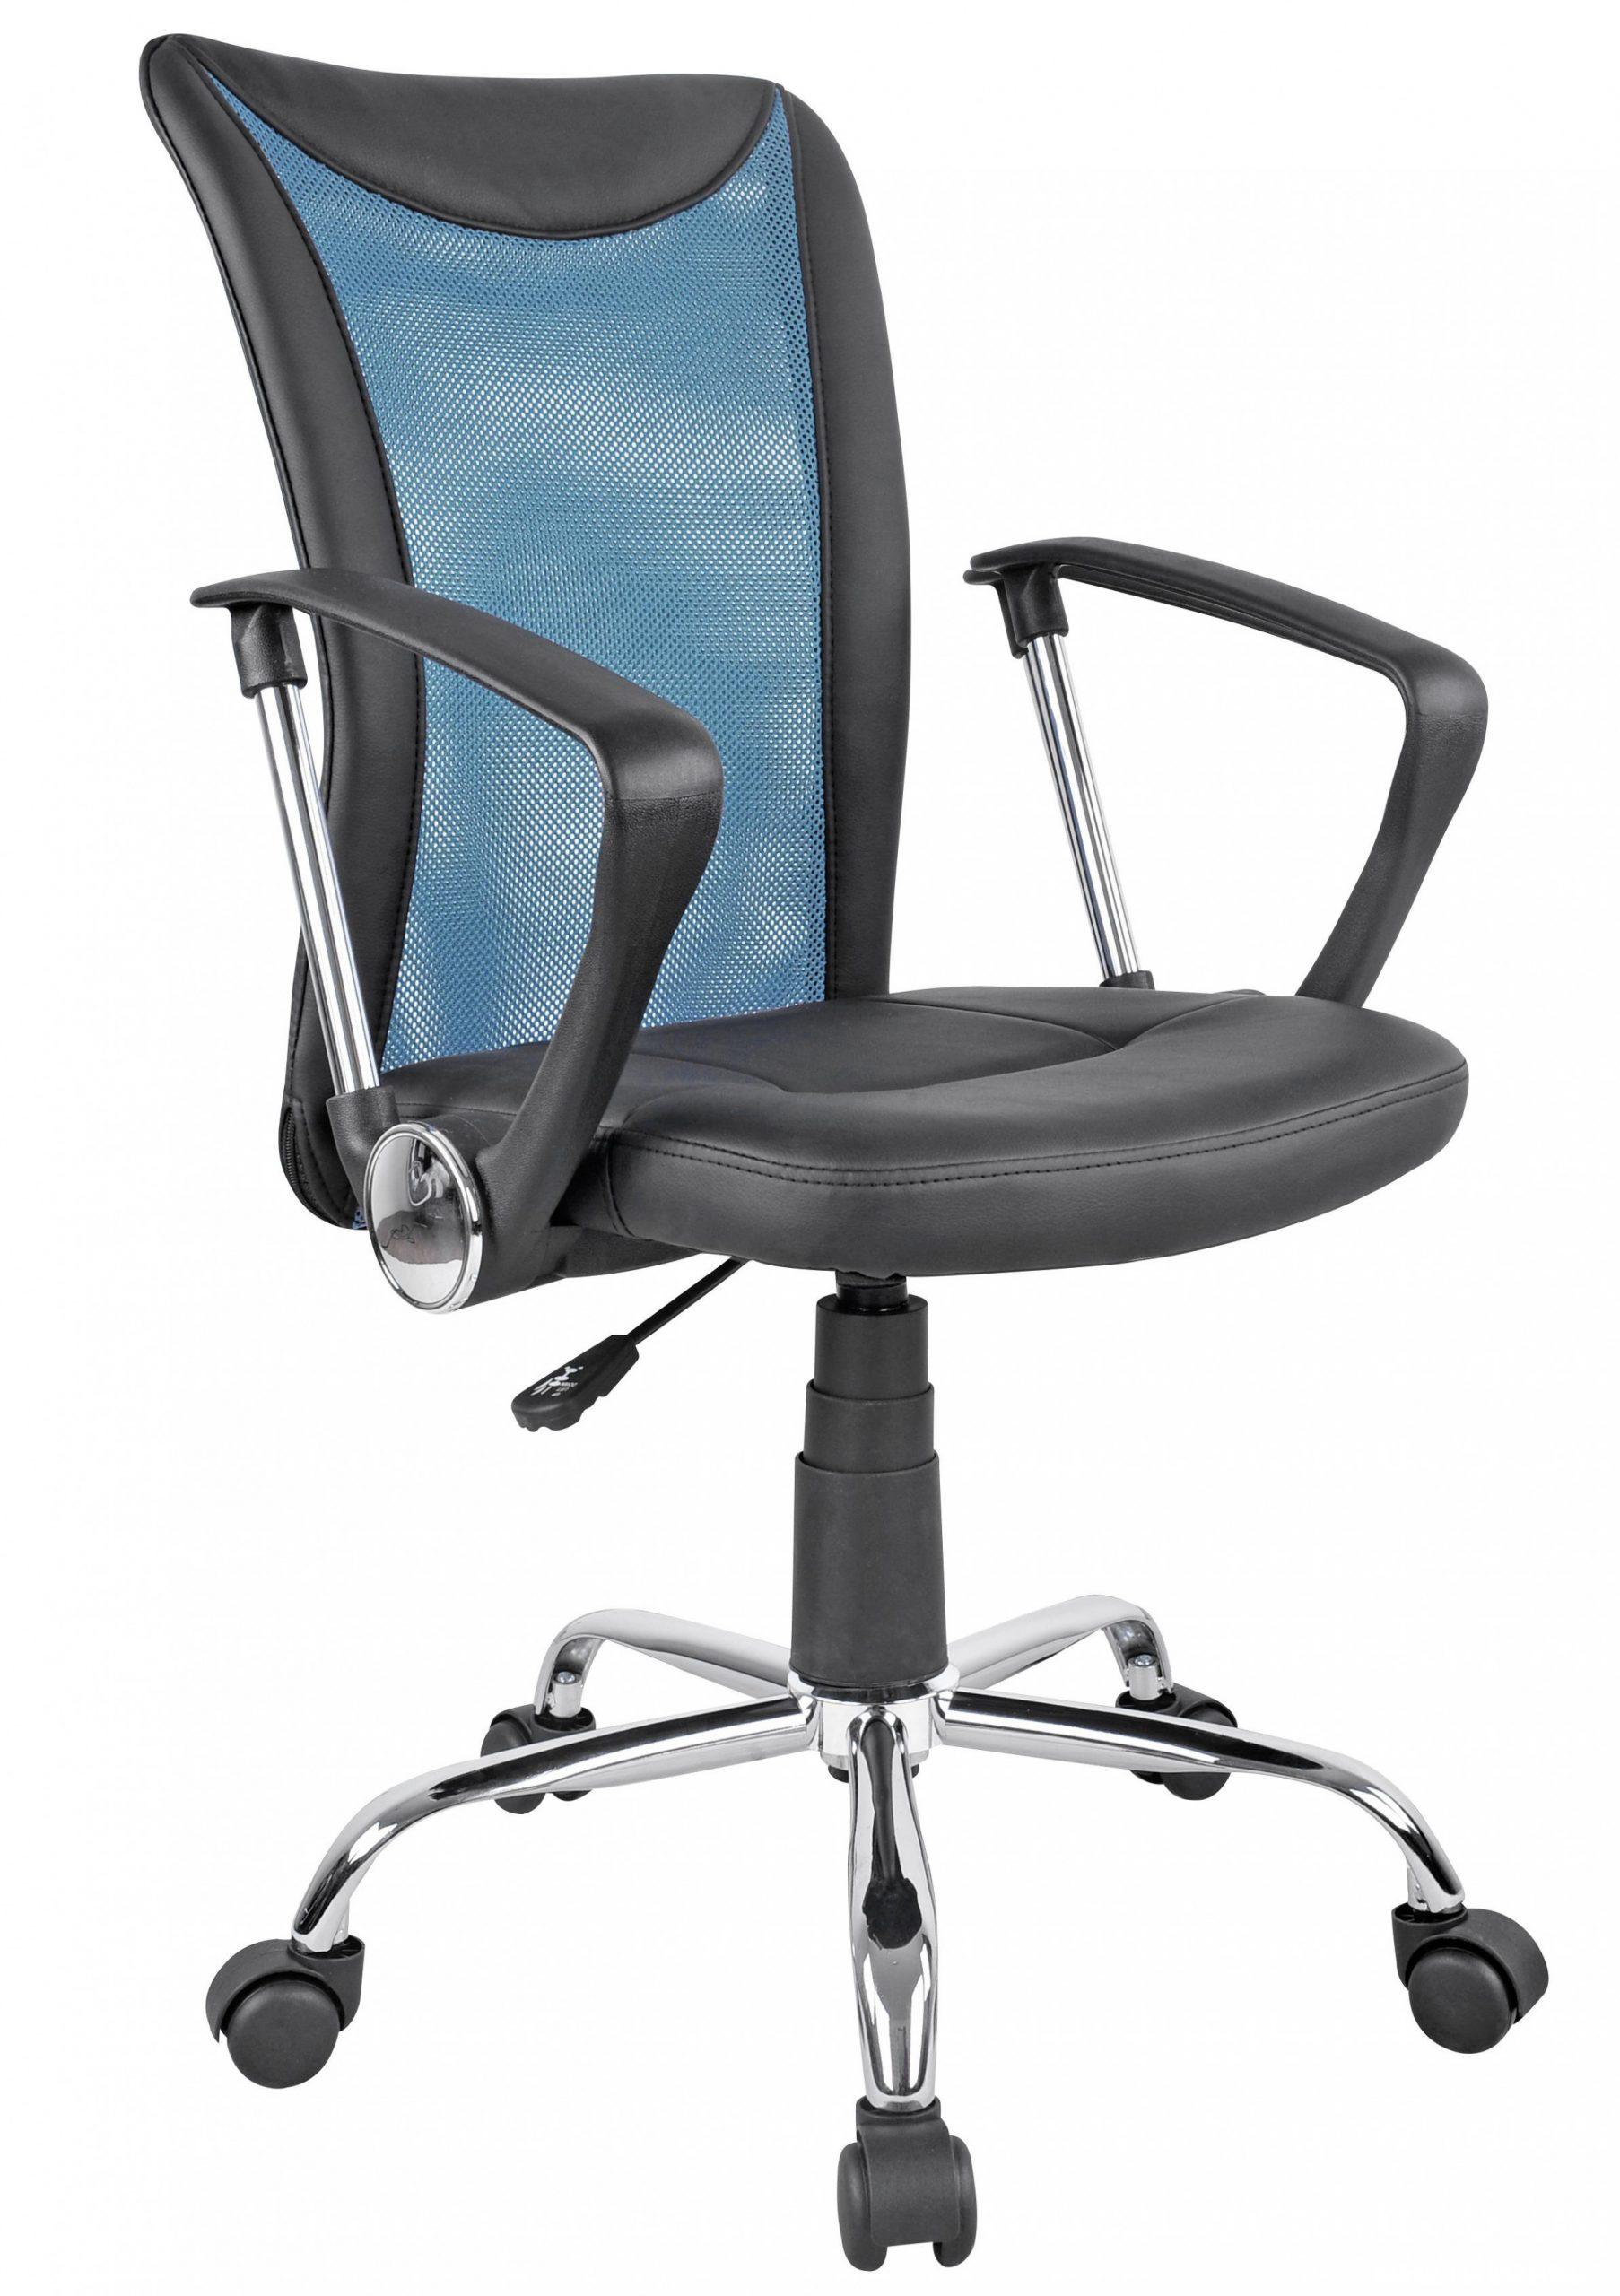 Kancelářská Židle Möbelix